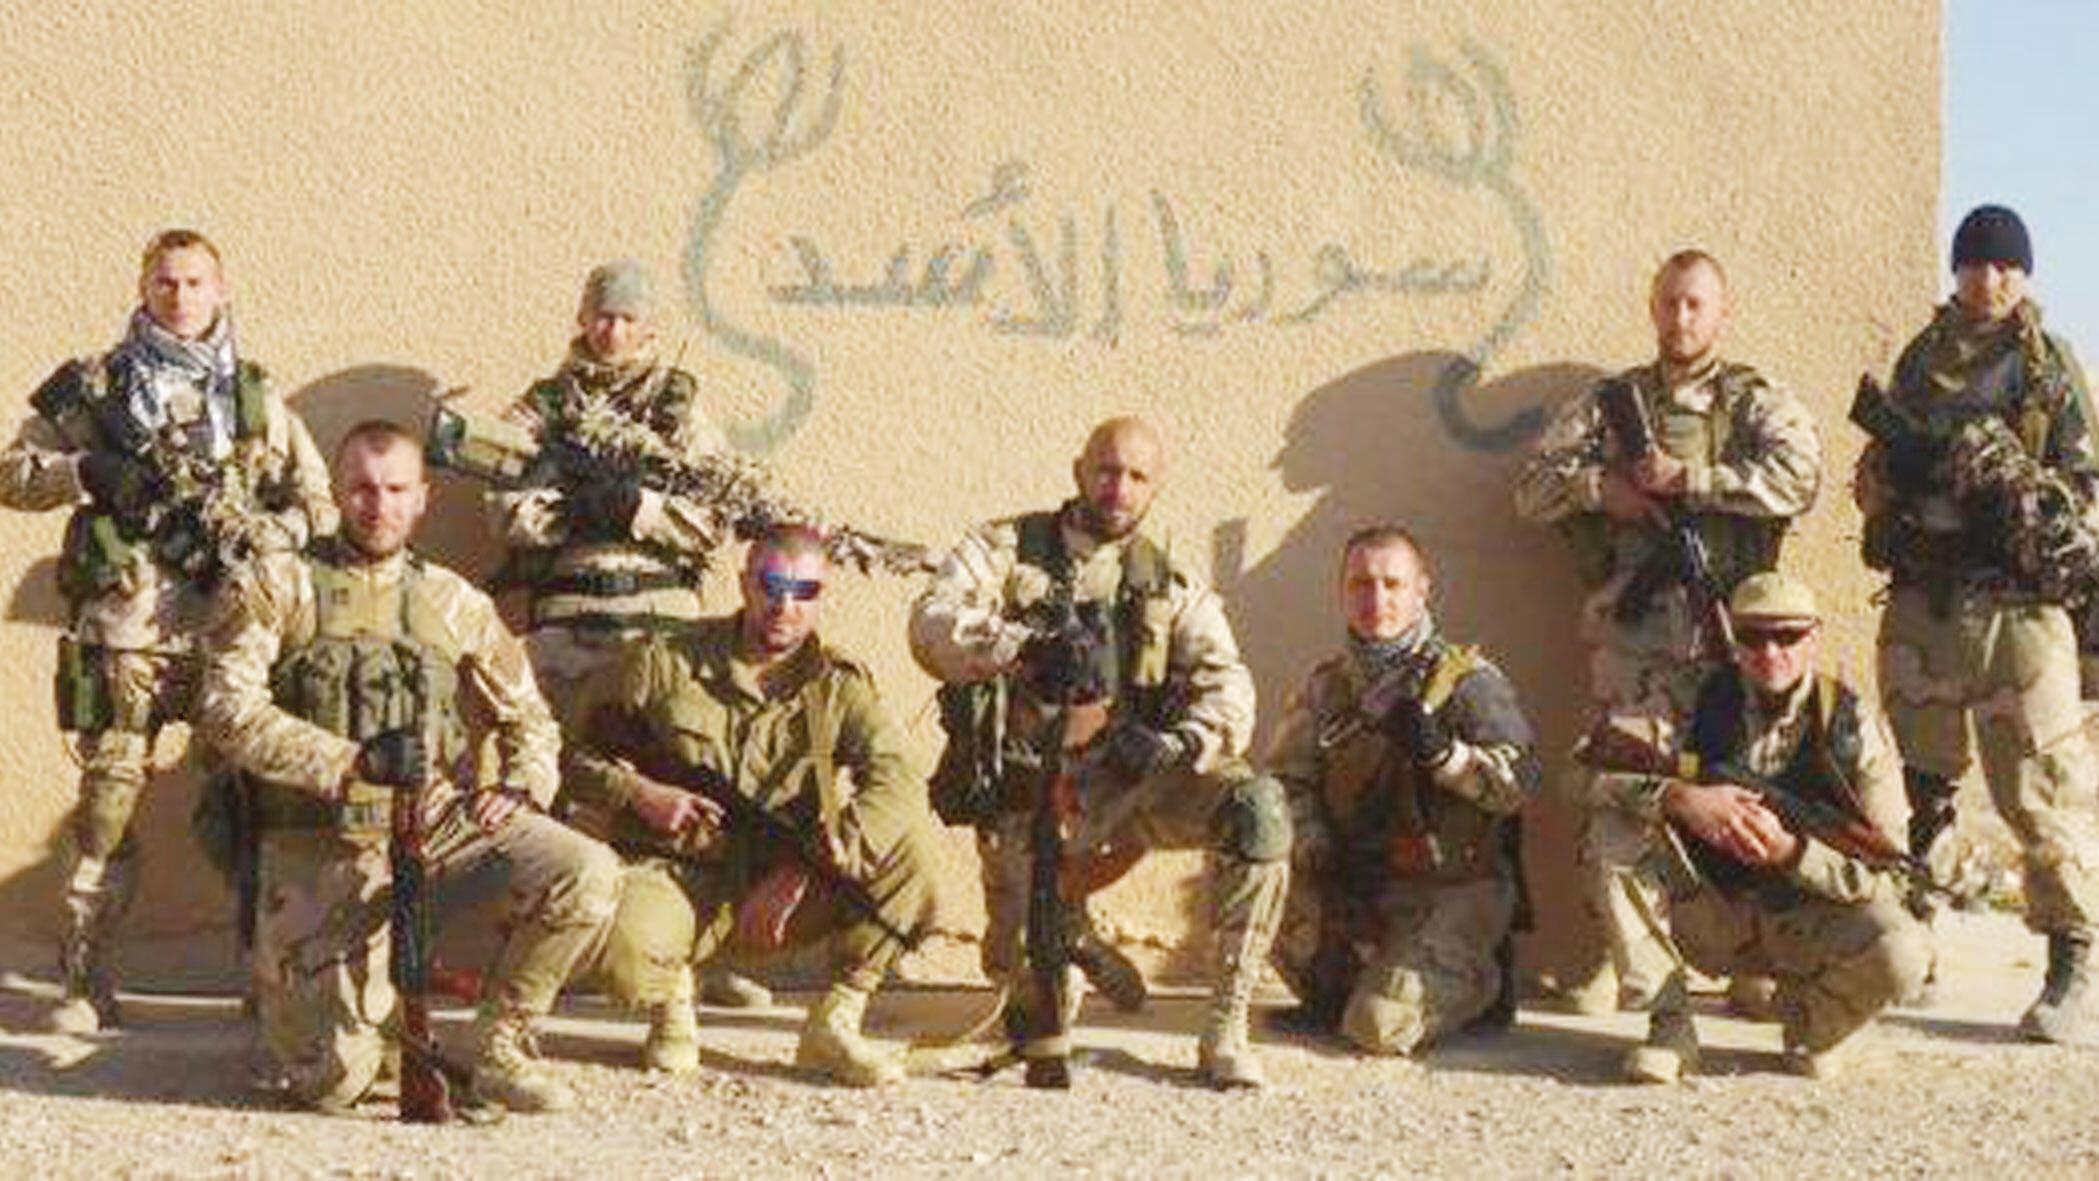 Rusya'dan Wagner Askerleri açıklaması: Suriye'de işçi bulma kurumu değiliz Libya, Hafter,